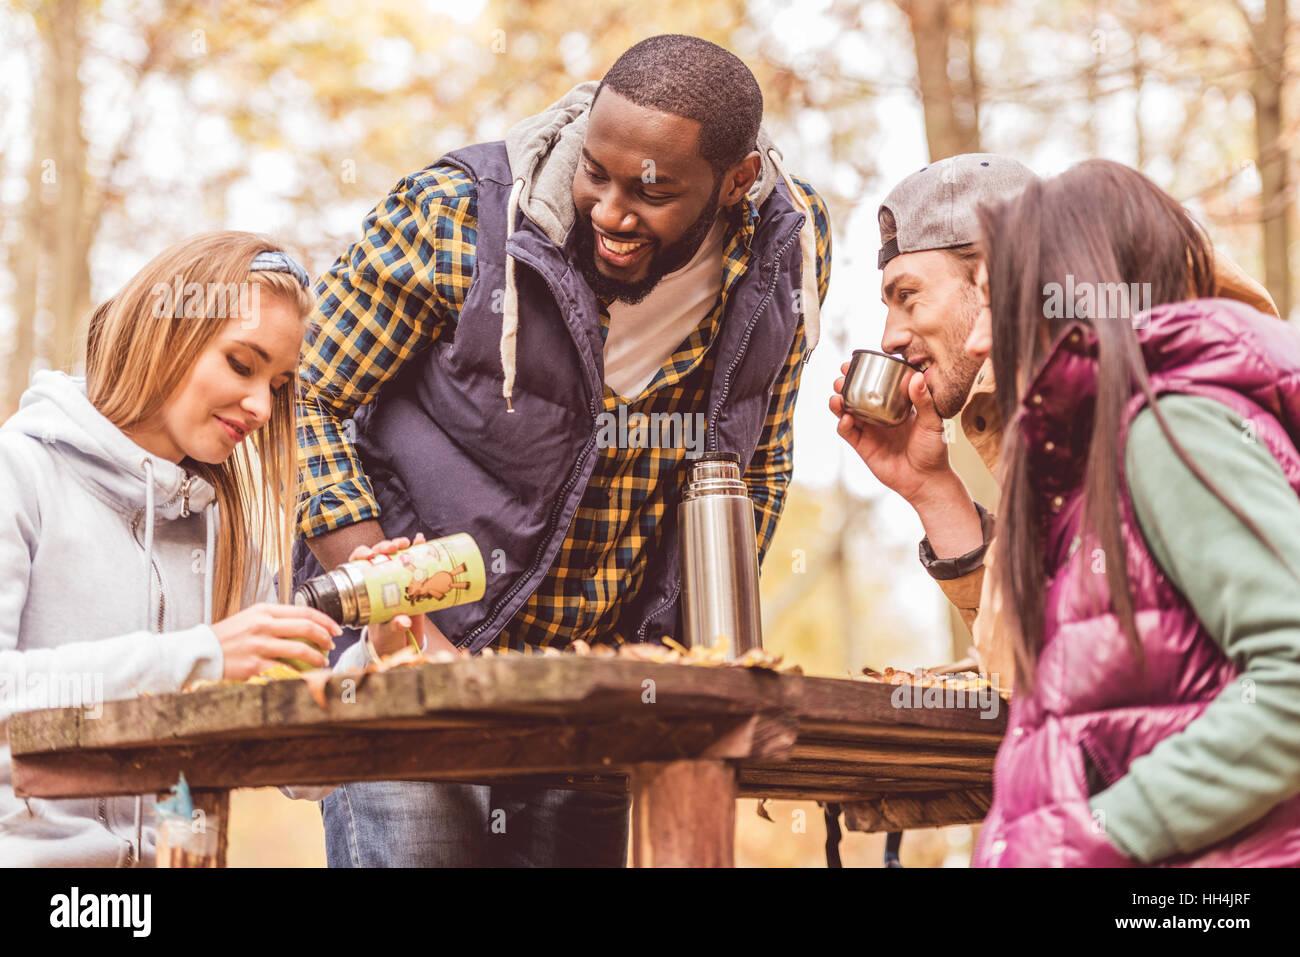 Group of smiling friends sitting at table en bois et verser une boisson chaude dans la forêt d'automne Photo Stock